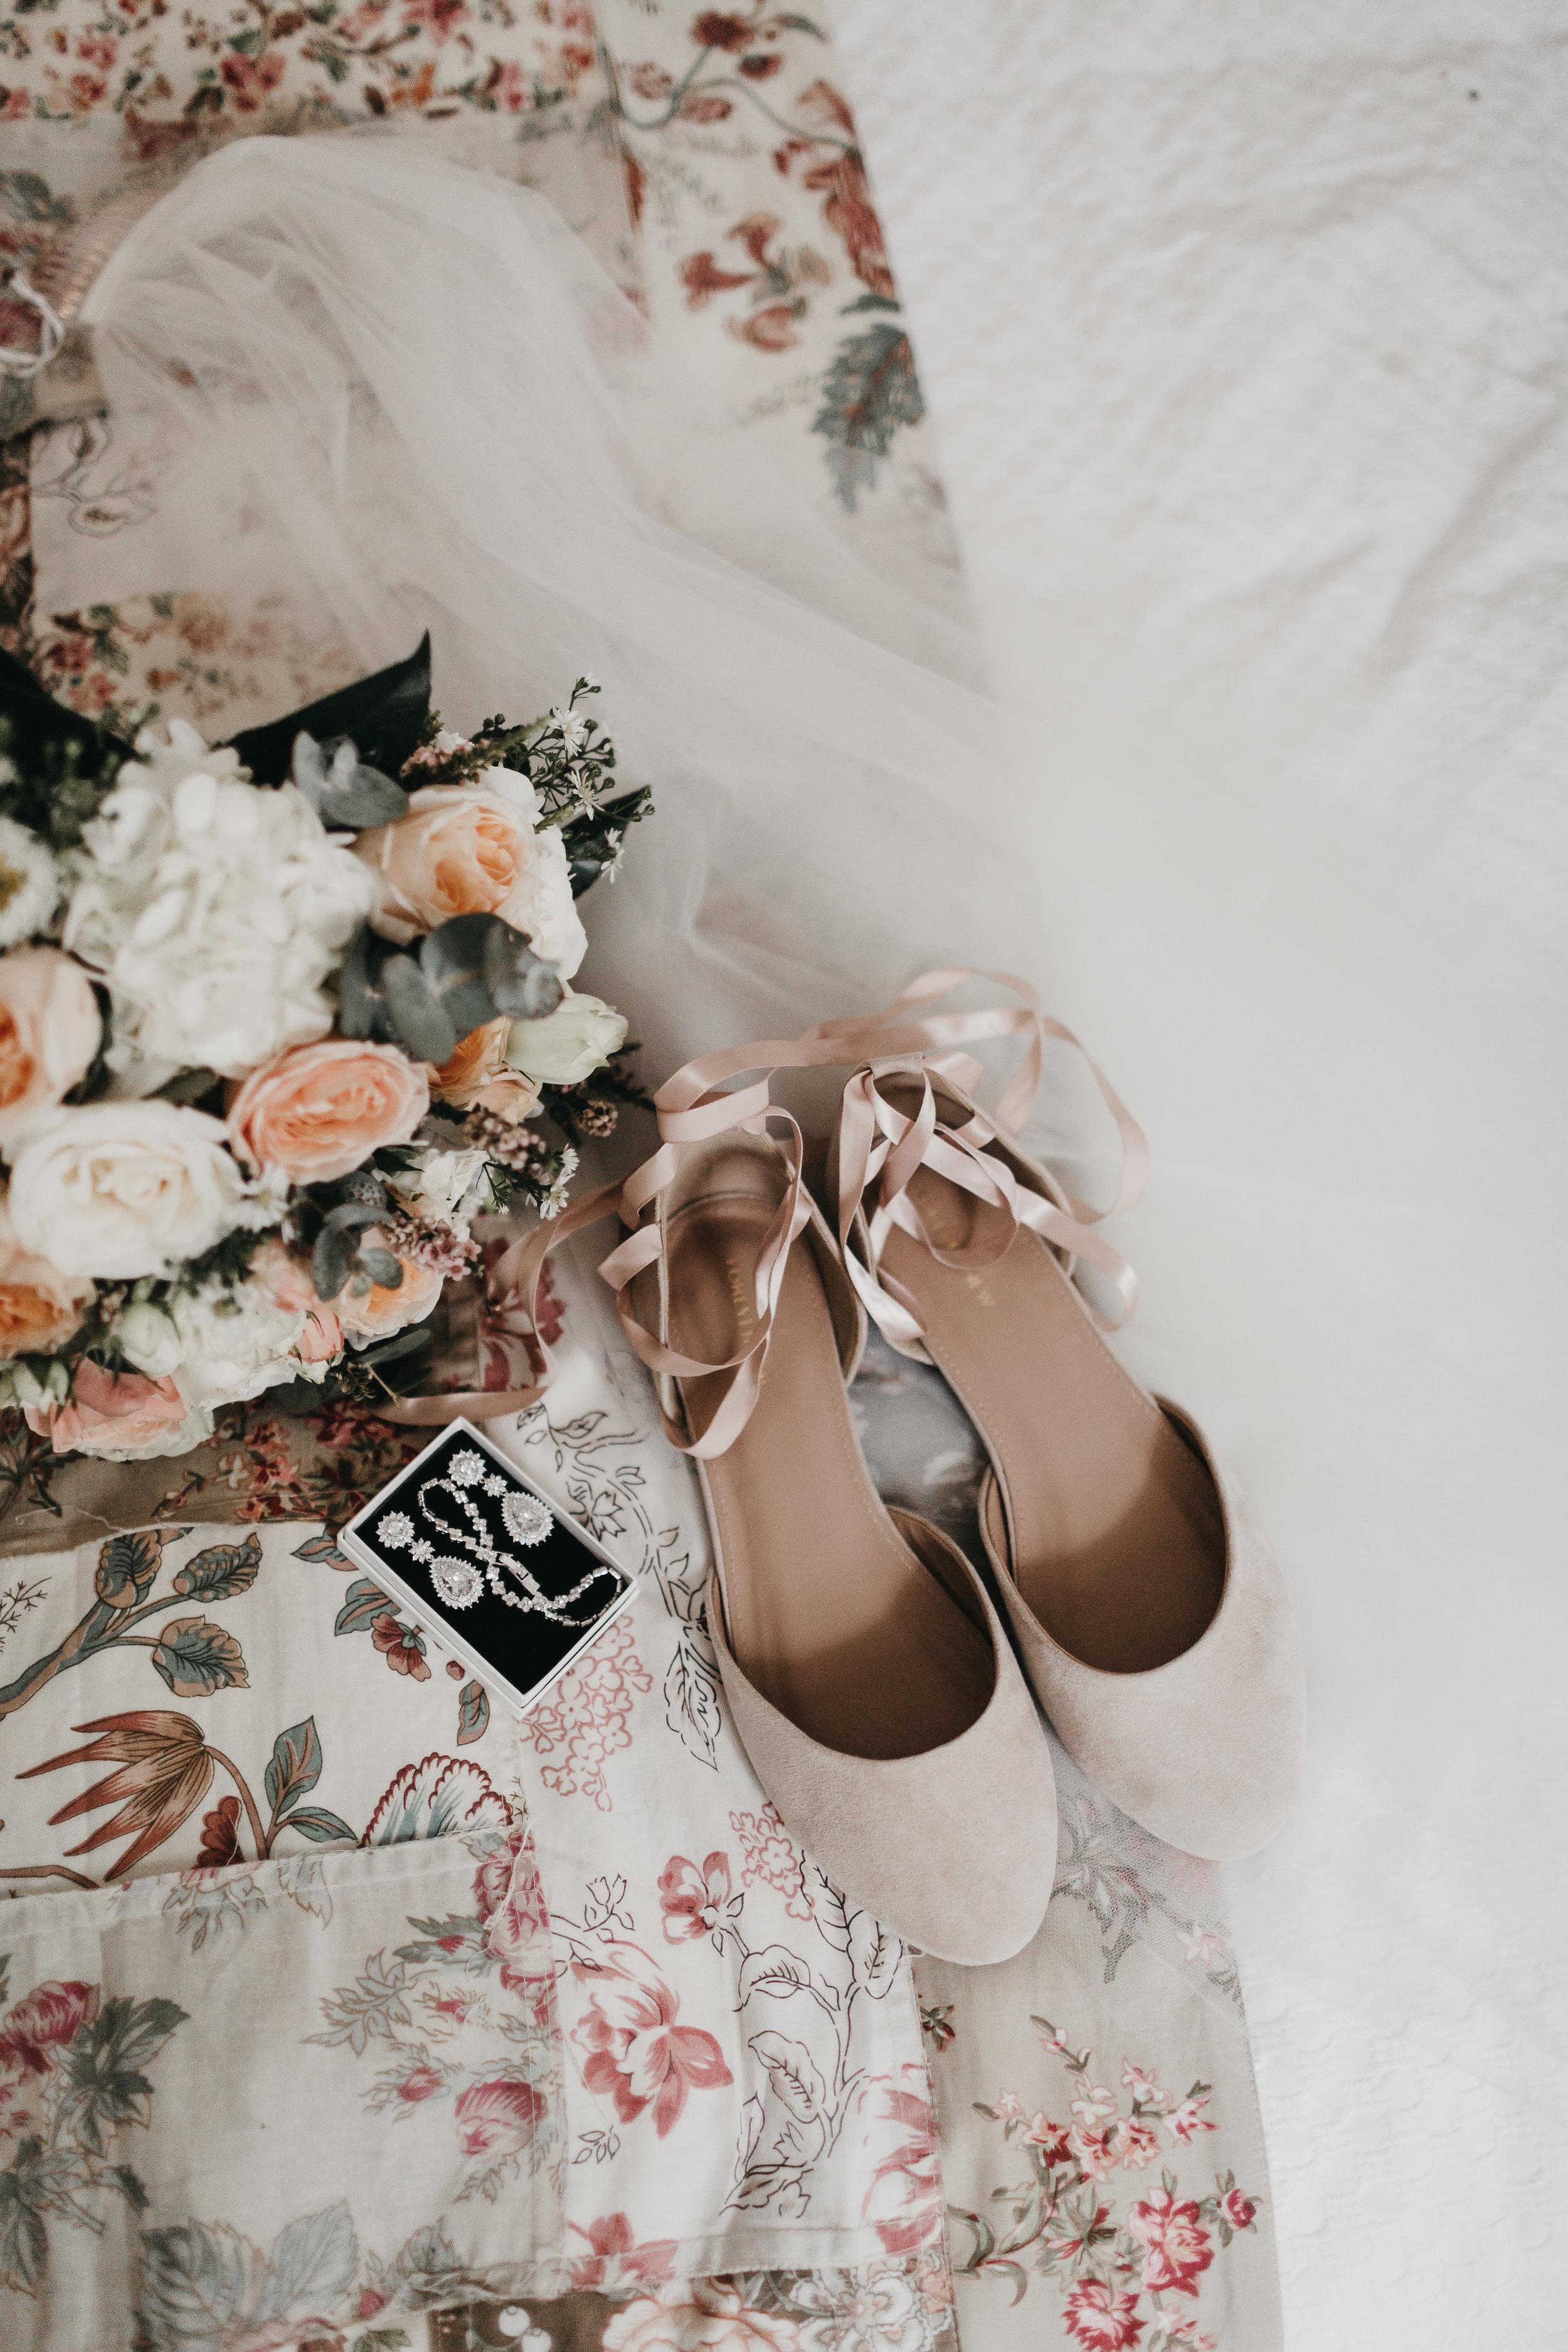 missendenwedding-91.jpg